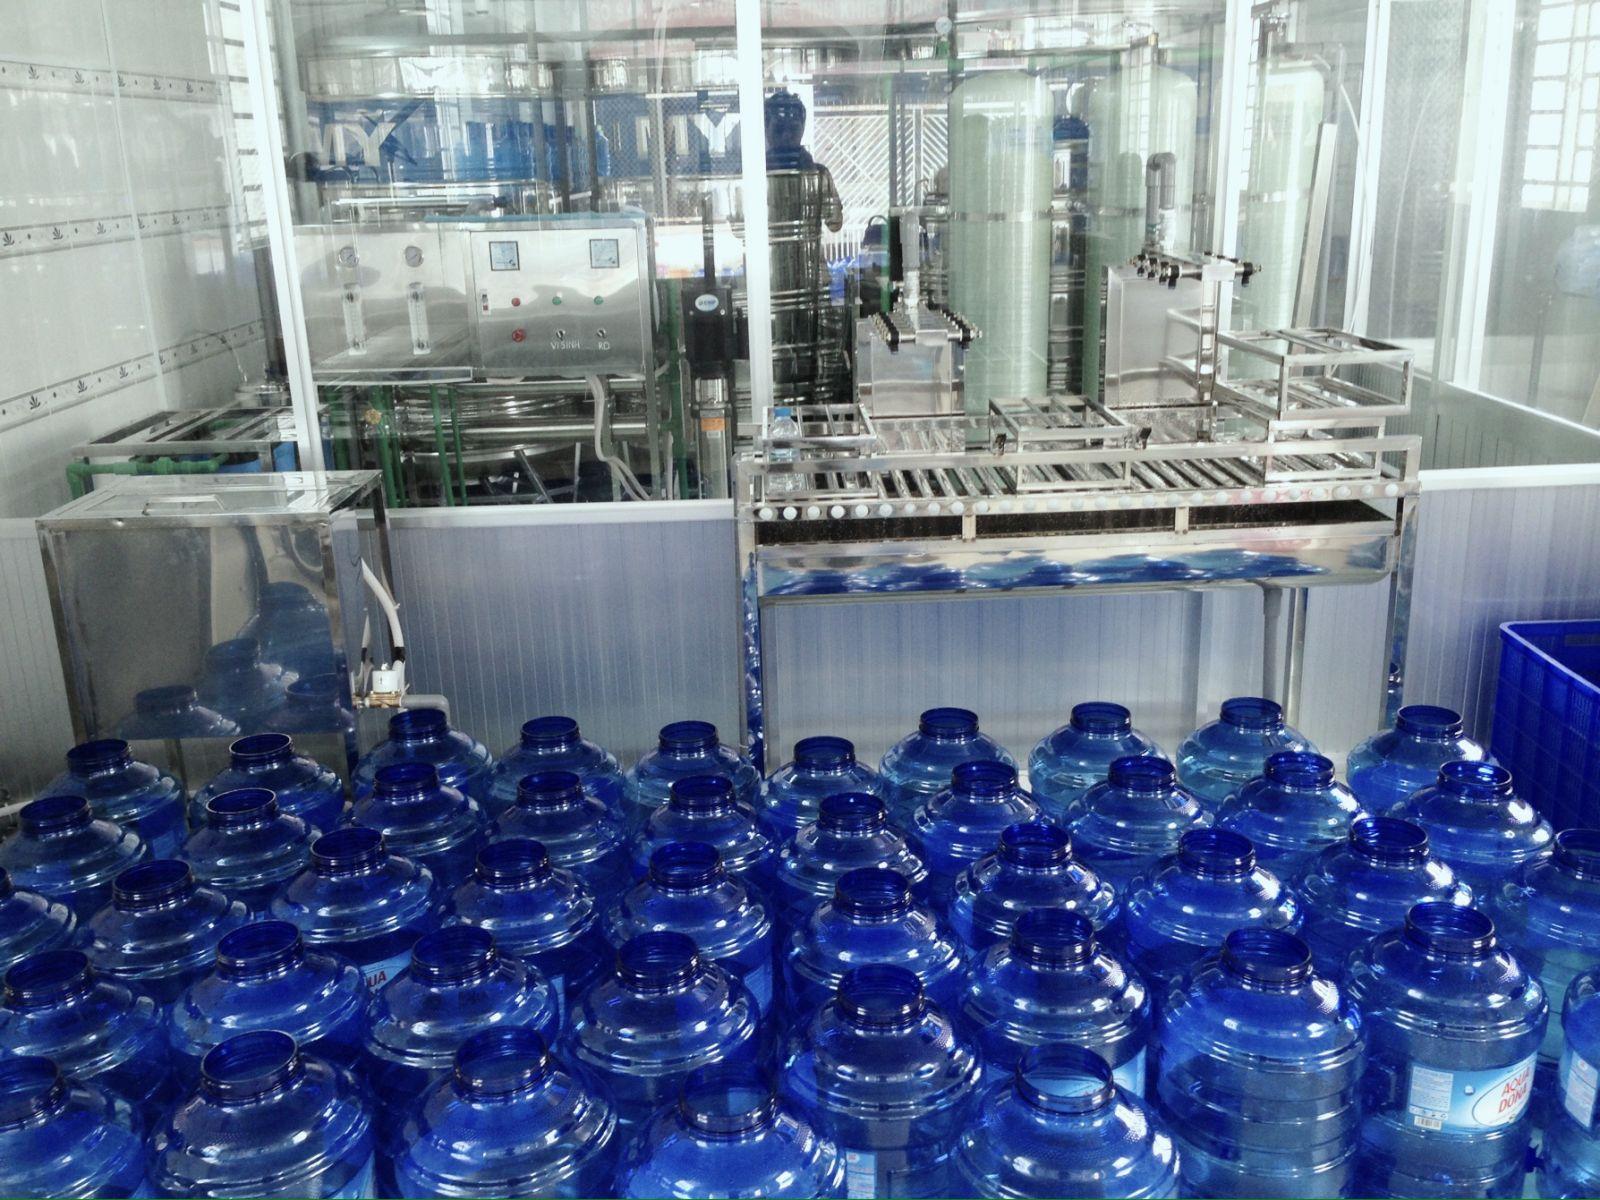 Dây chuyền sản xuất nước uống